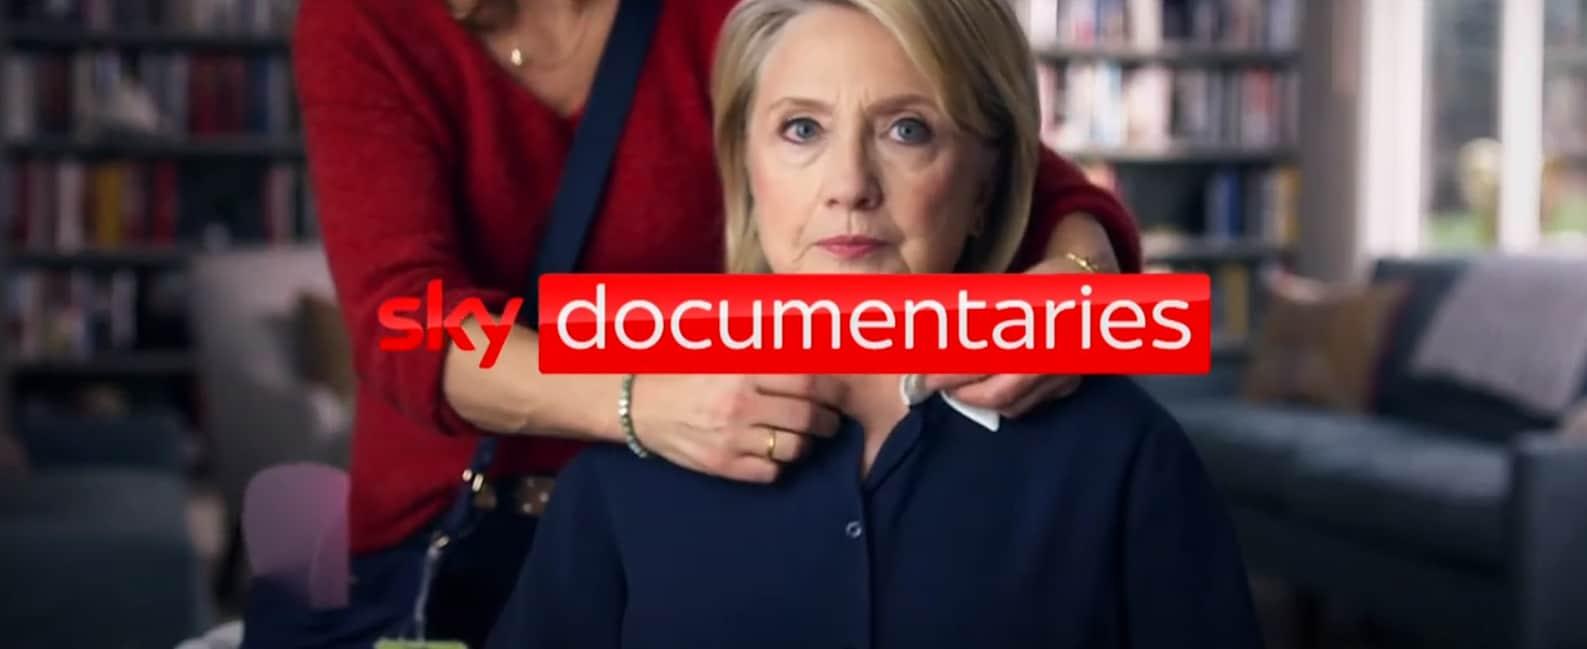 sky-documentaries-sender